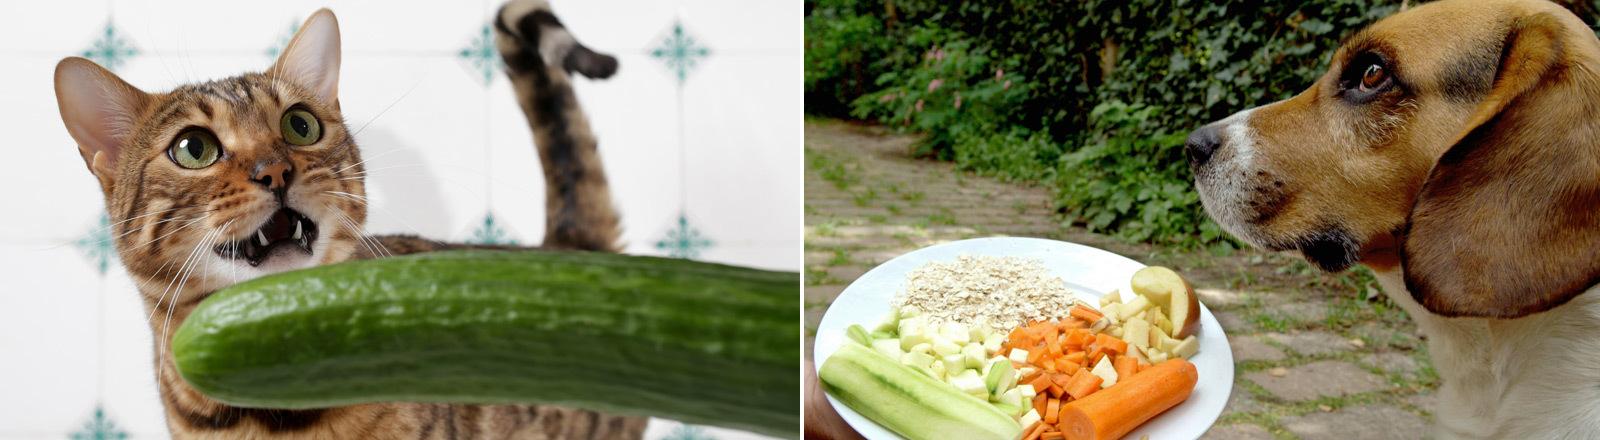 Eine Katze mit einer Gurke und ein Hund mit mit einem Gemüseteller.